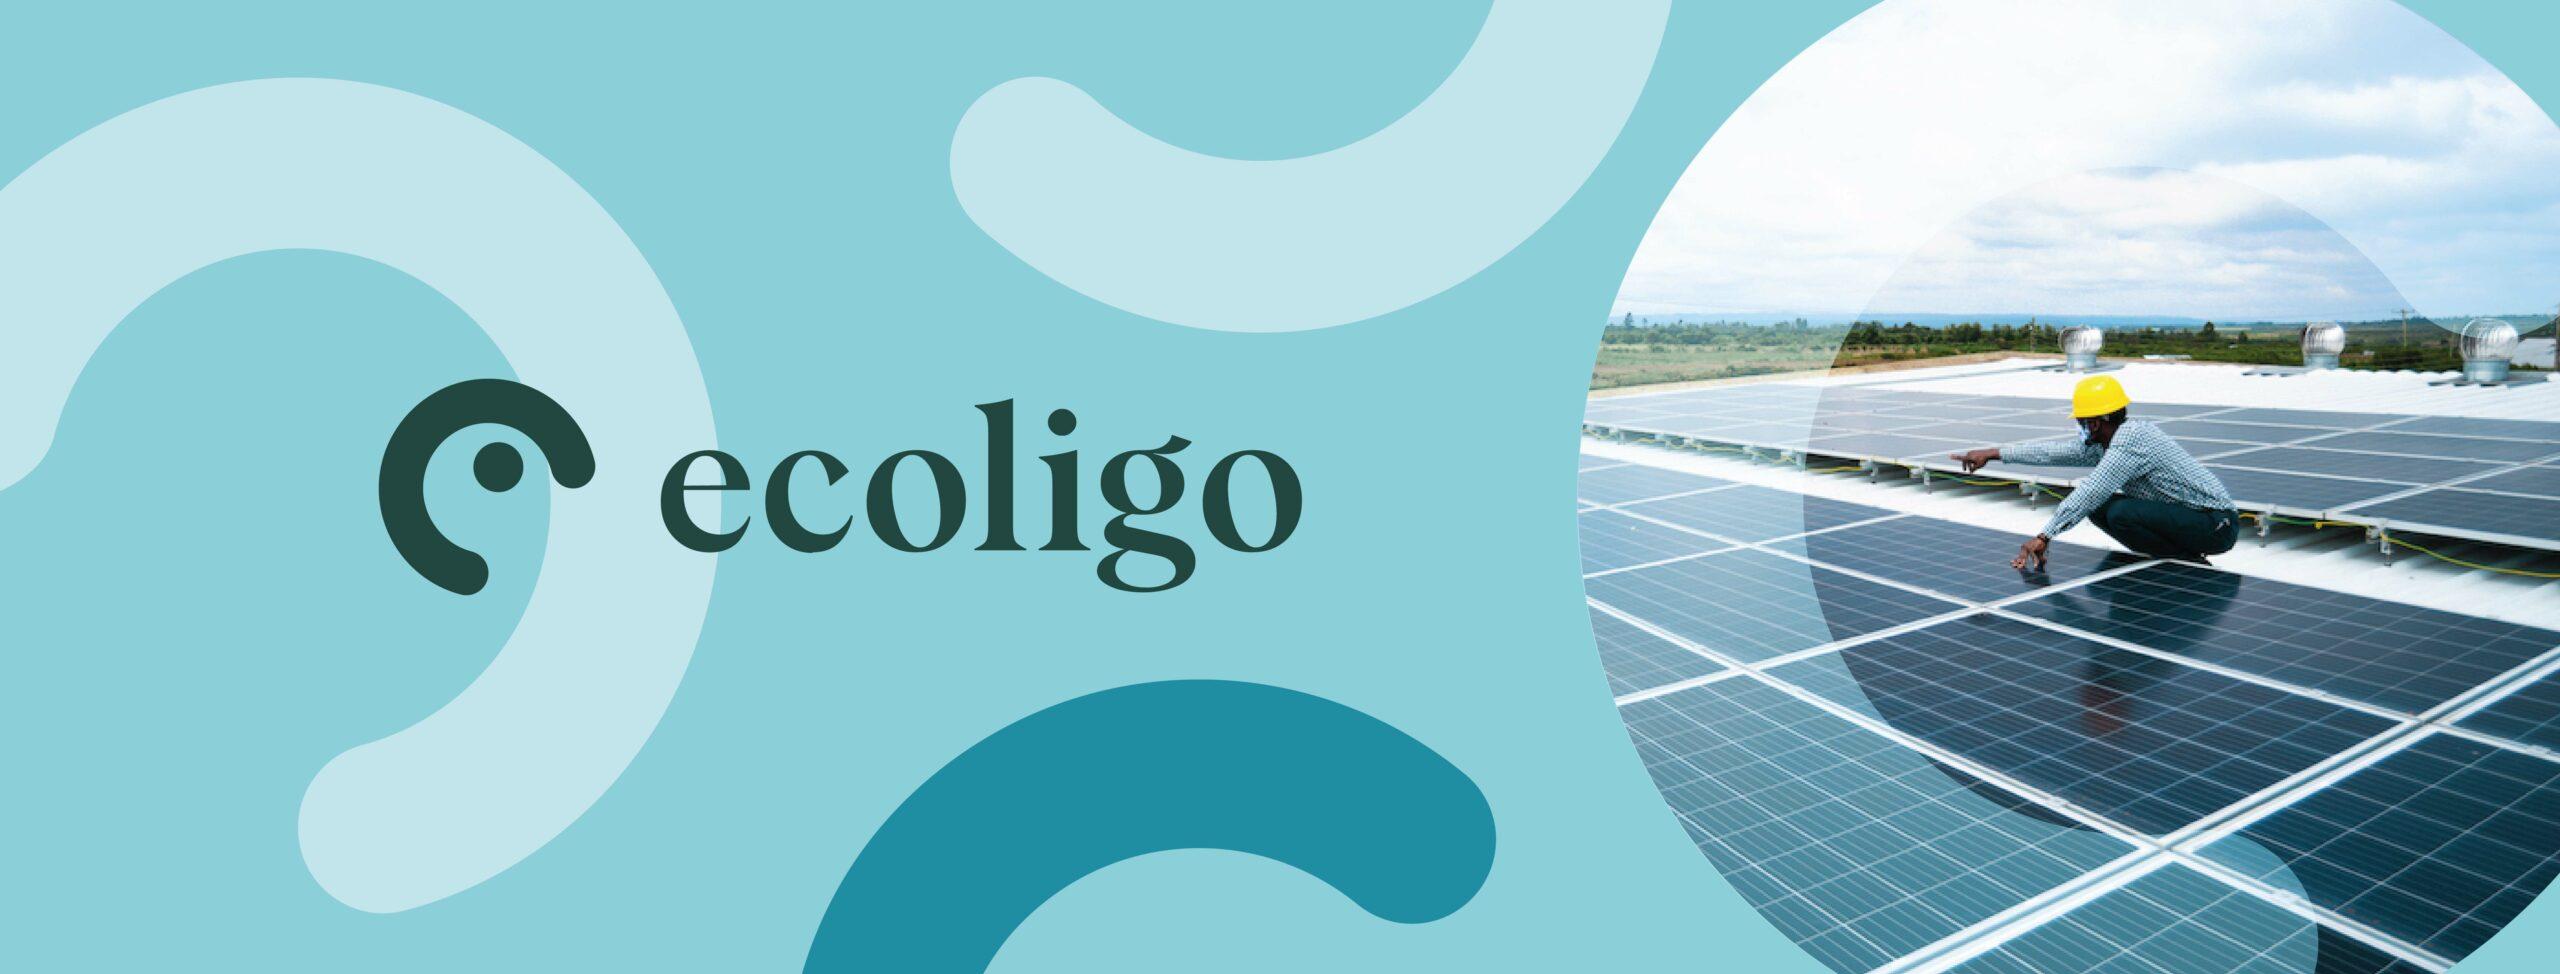 ecoligo cover image